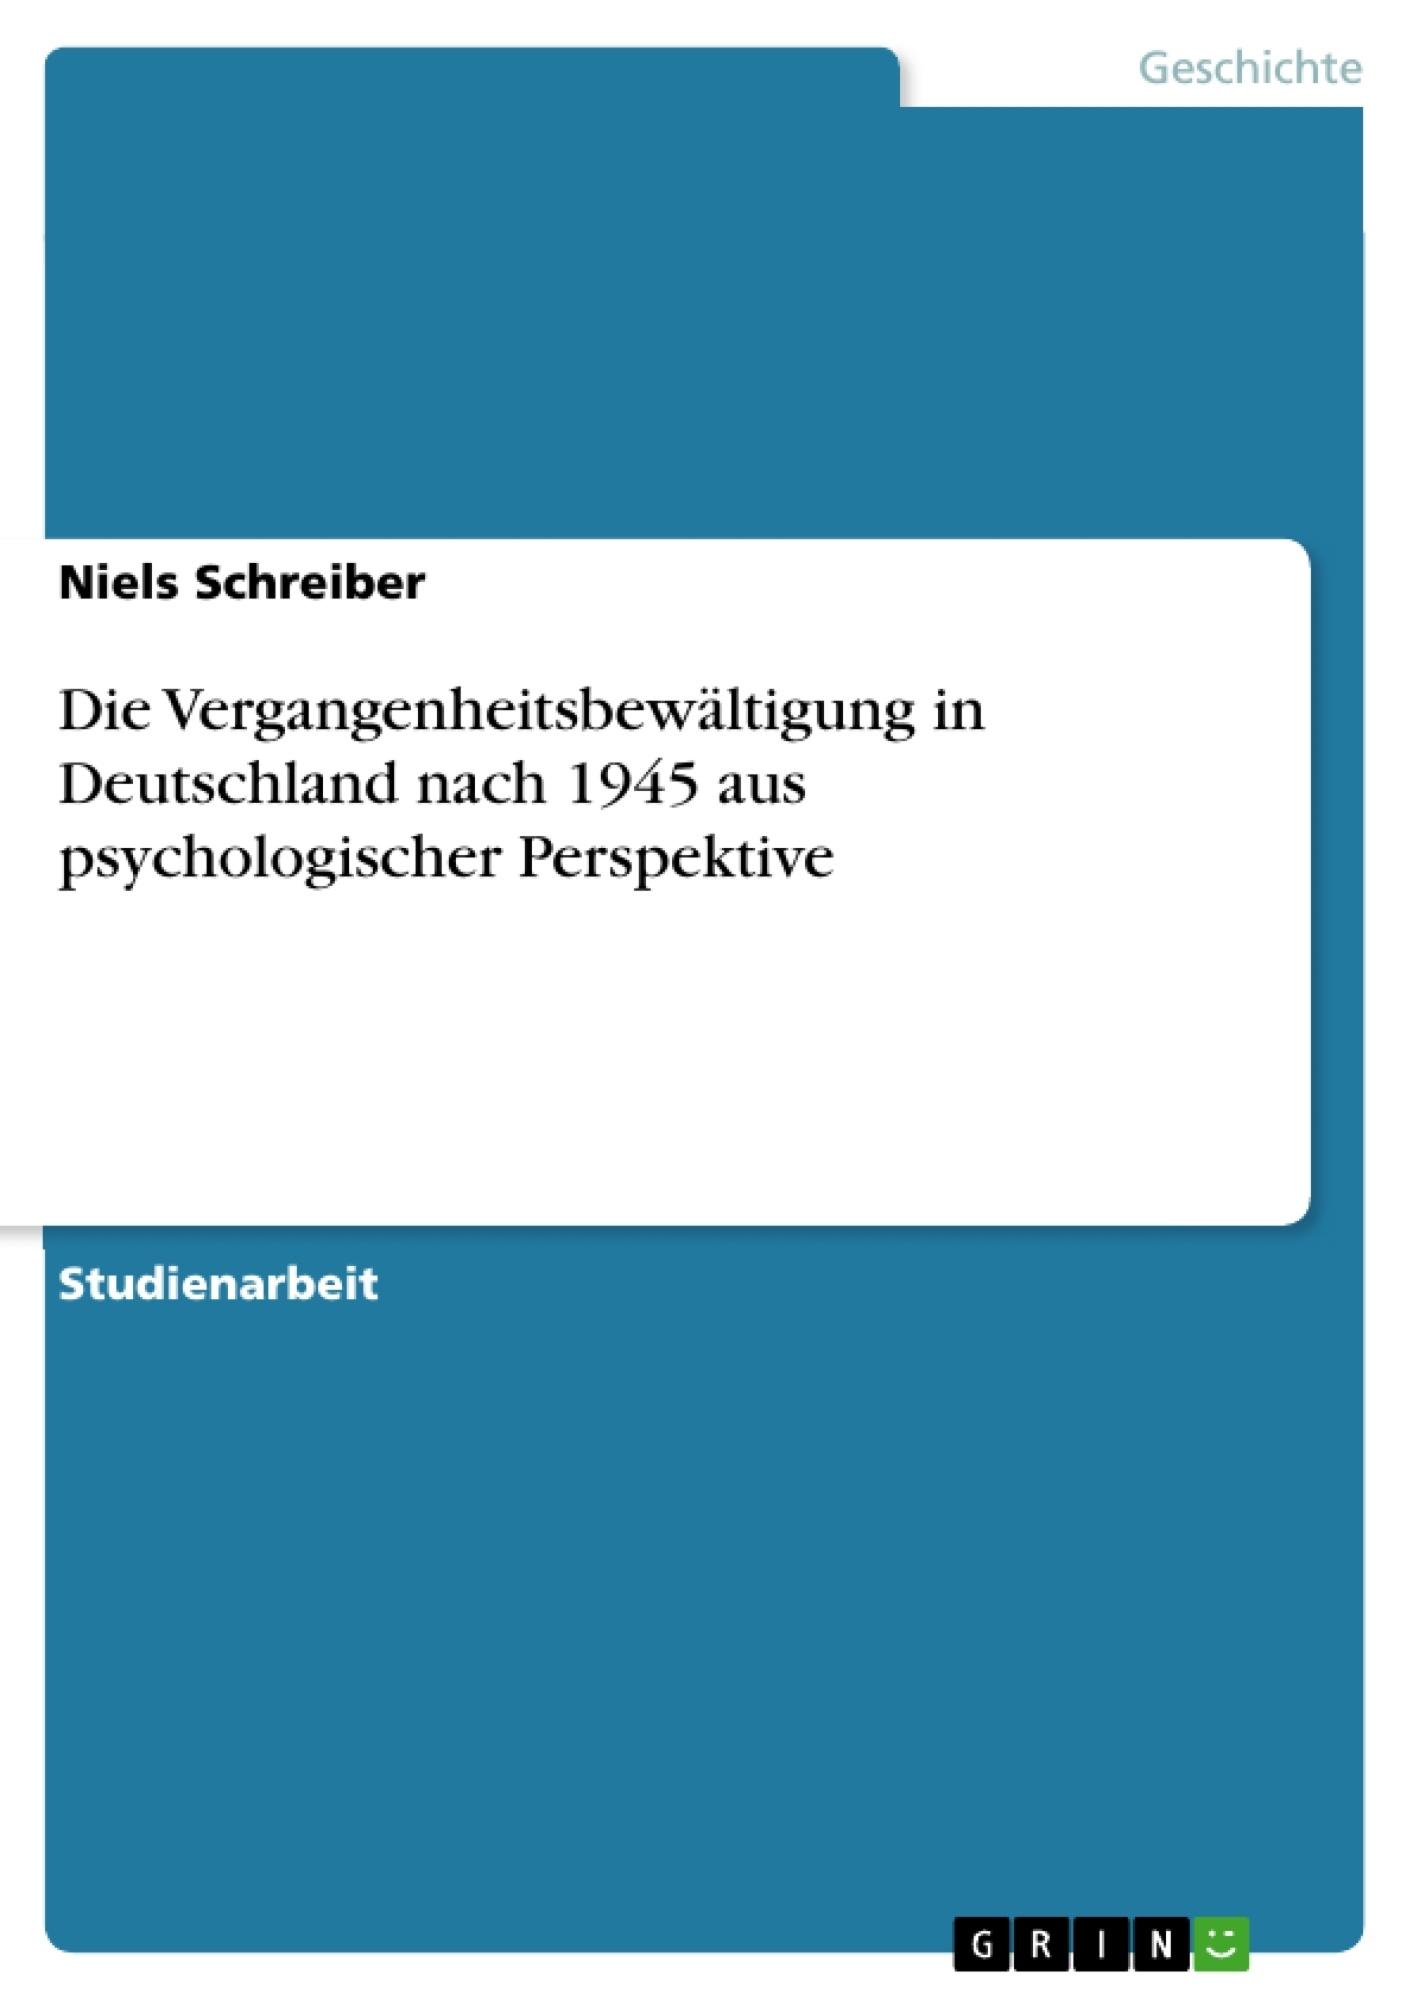 Titel: Die Vergangenheitsbewältigung in Deutschland nach 1945 aus psychologischer Perspektive